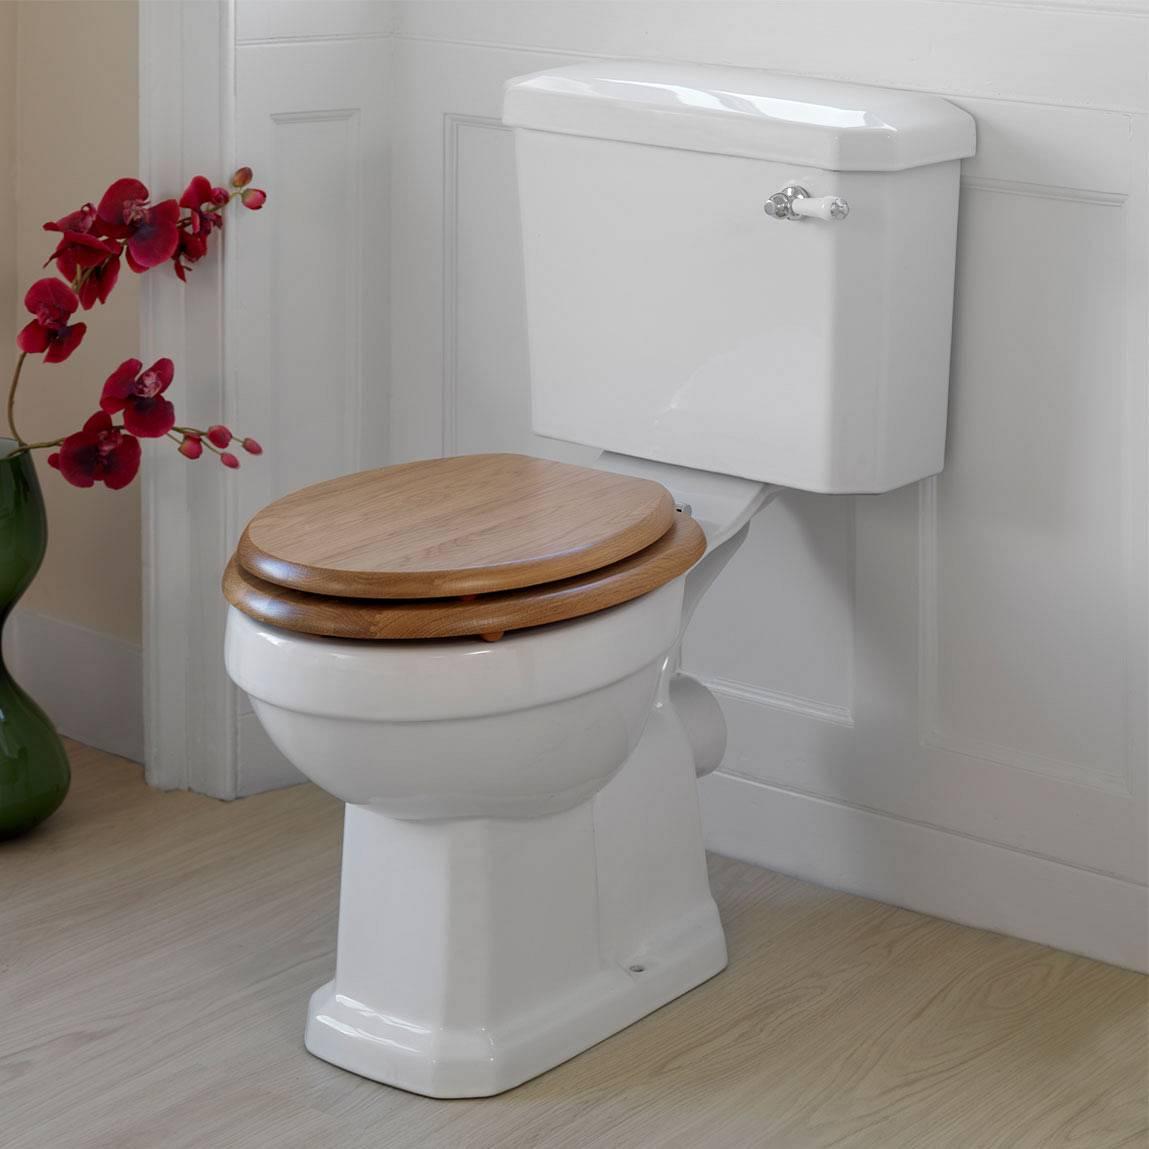 oak-wooden-toilet-seat_1367.jpg